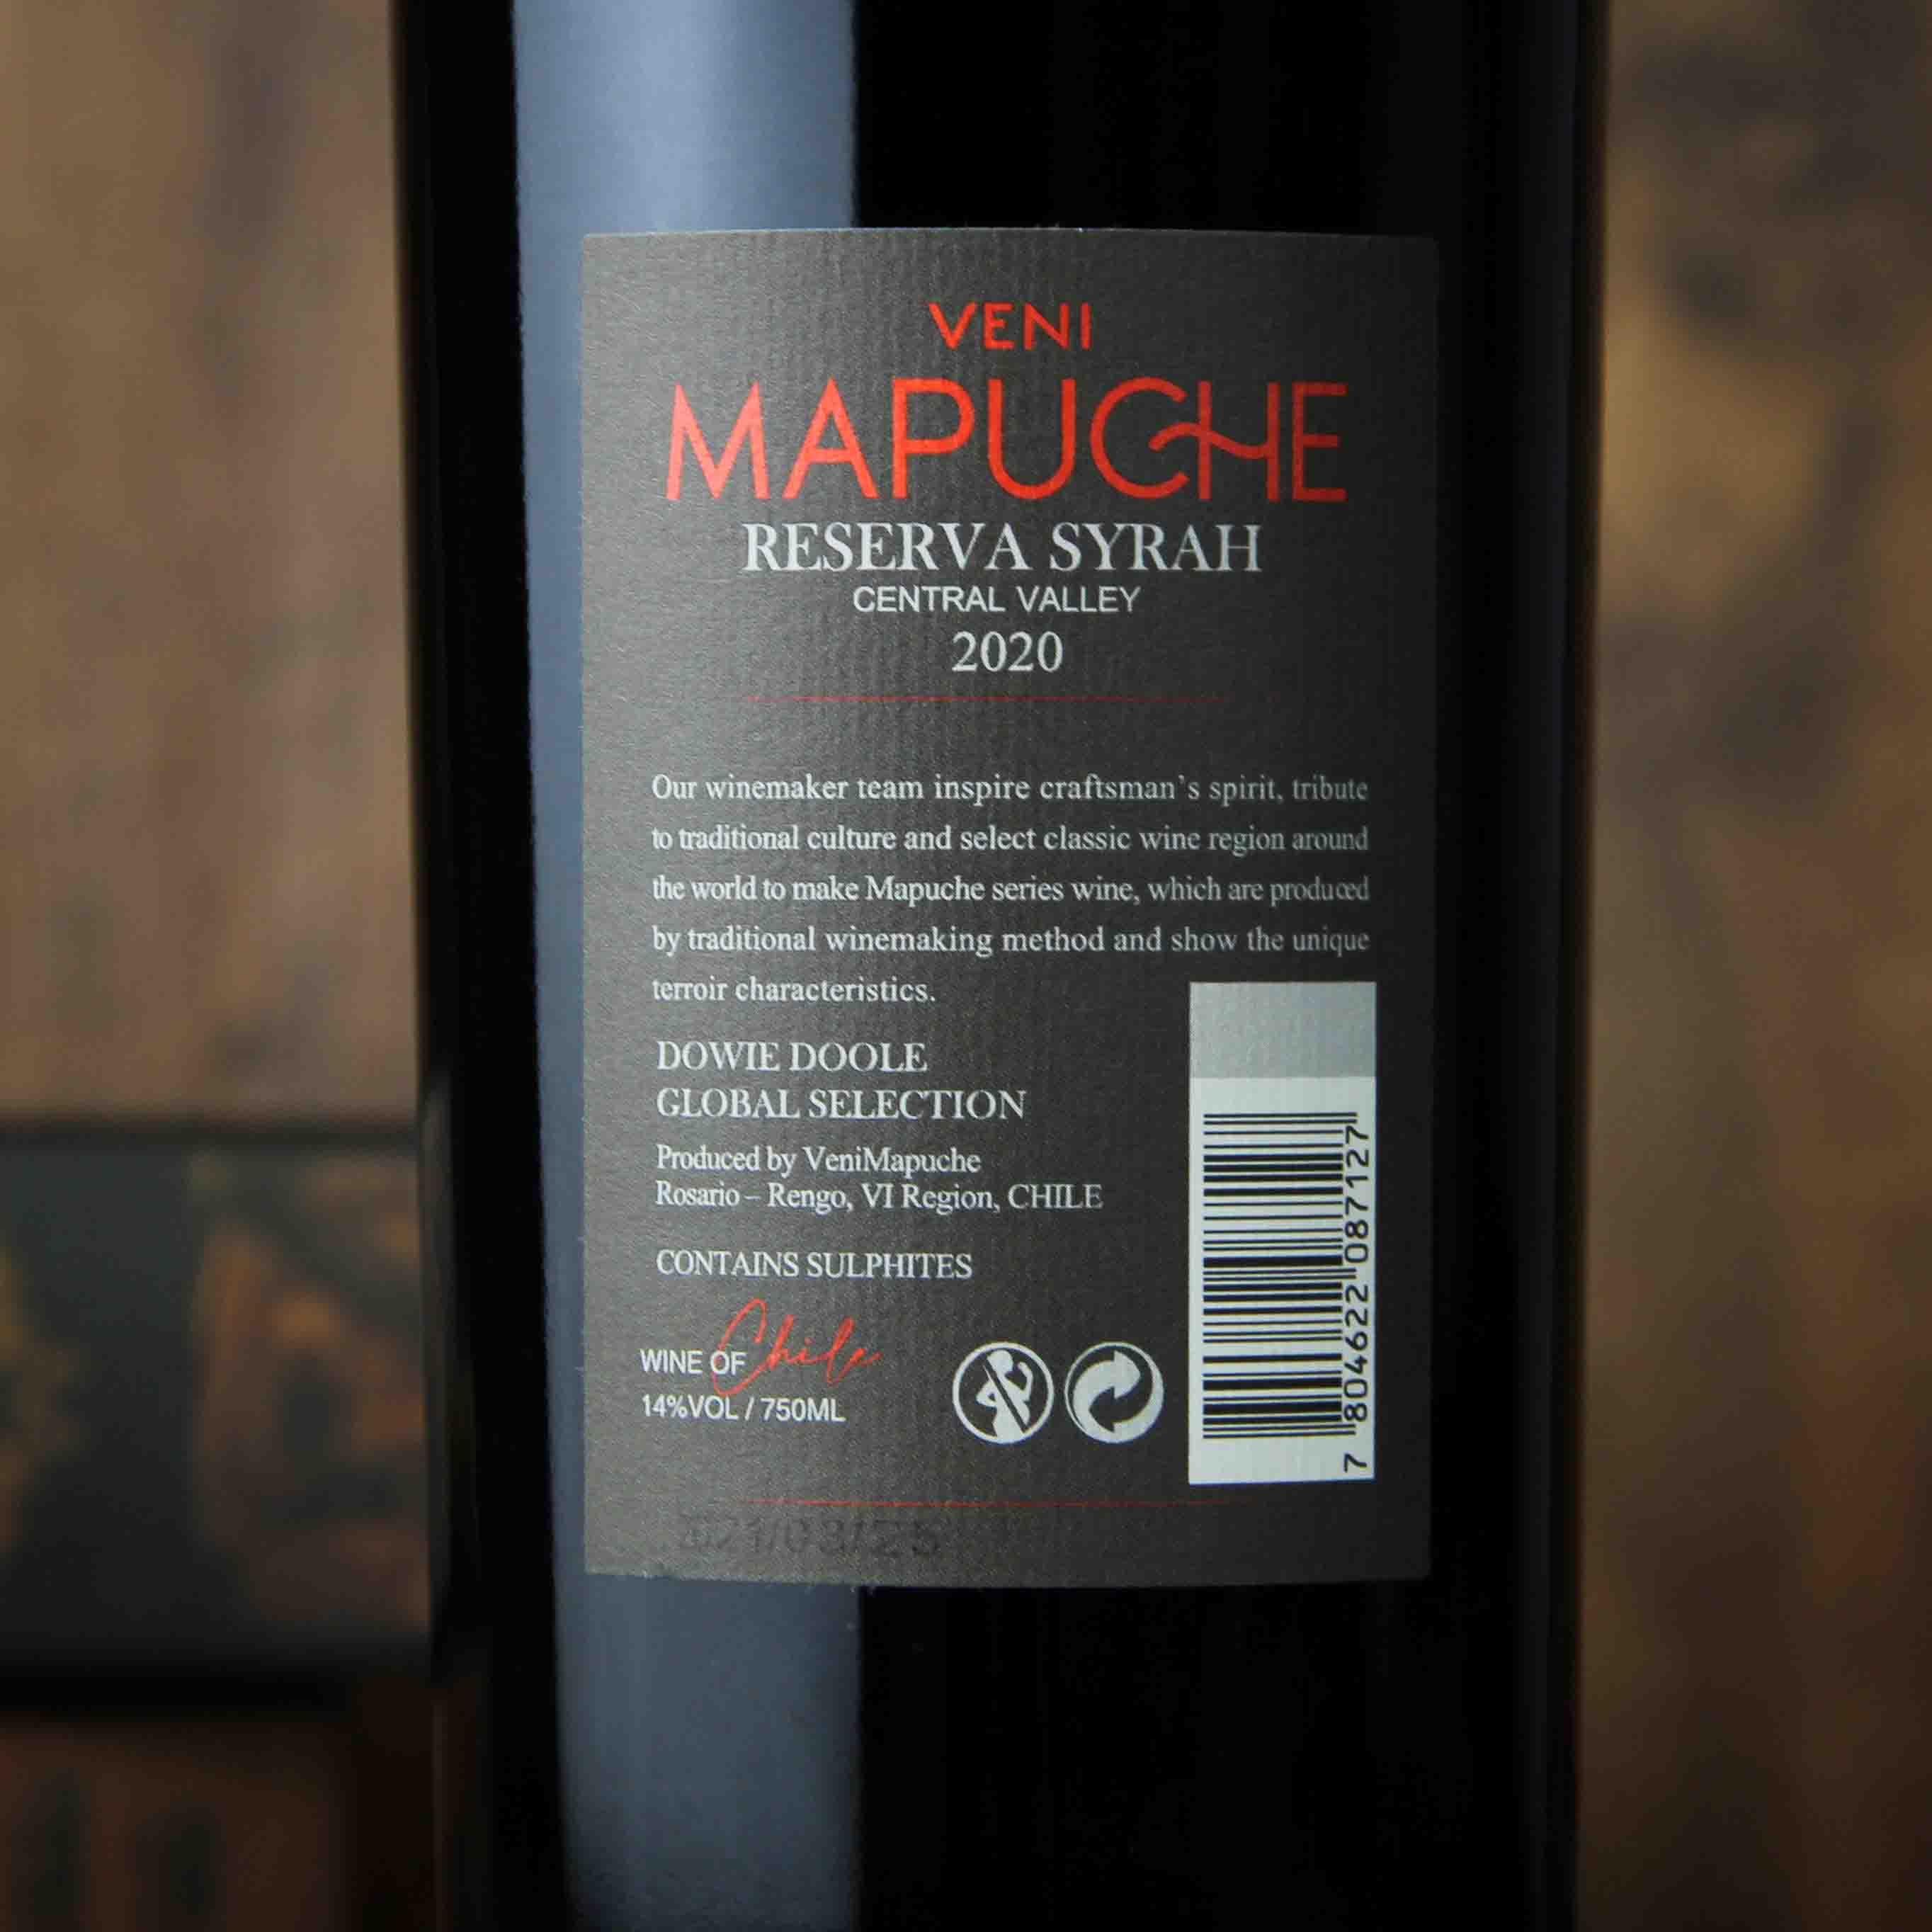 智利中央山谷都度酒庄马普切神树珍藏西拉红葡萄酒红酒